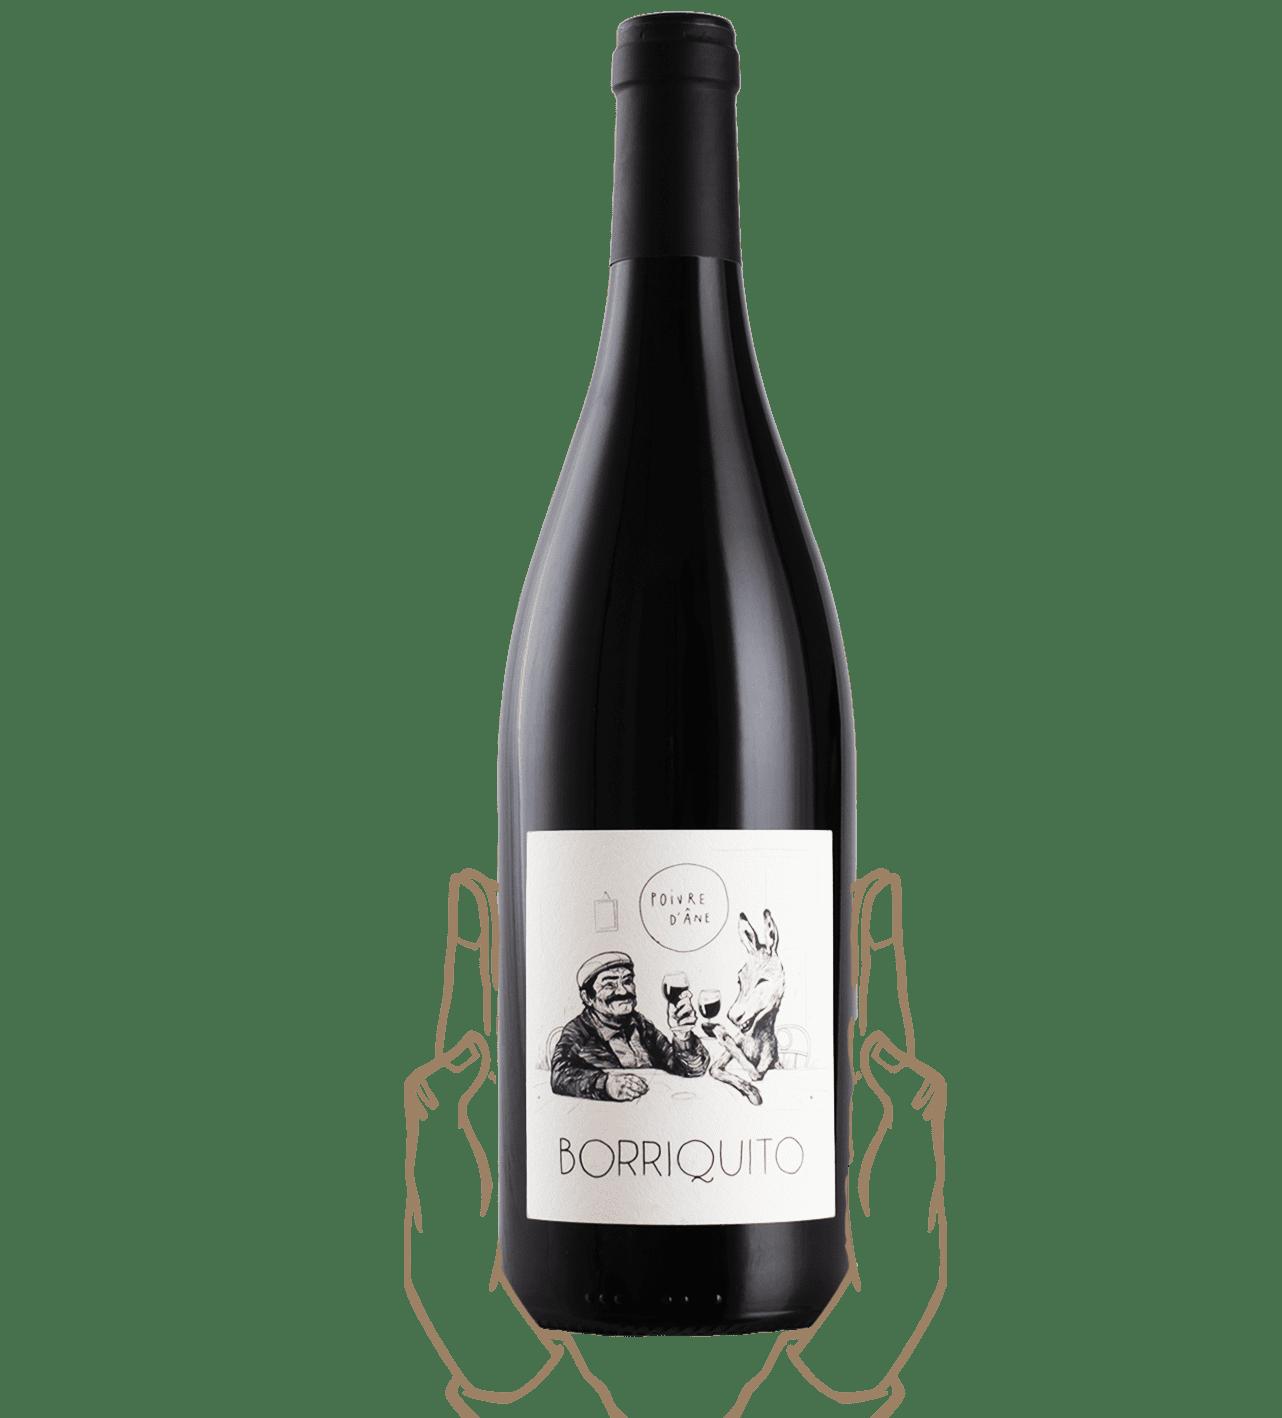 borriquito est un vin rouge naturel